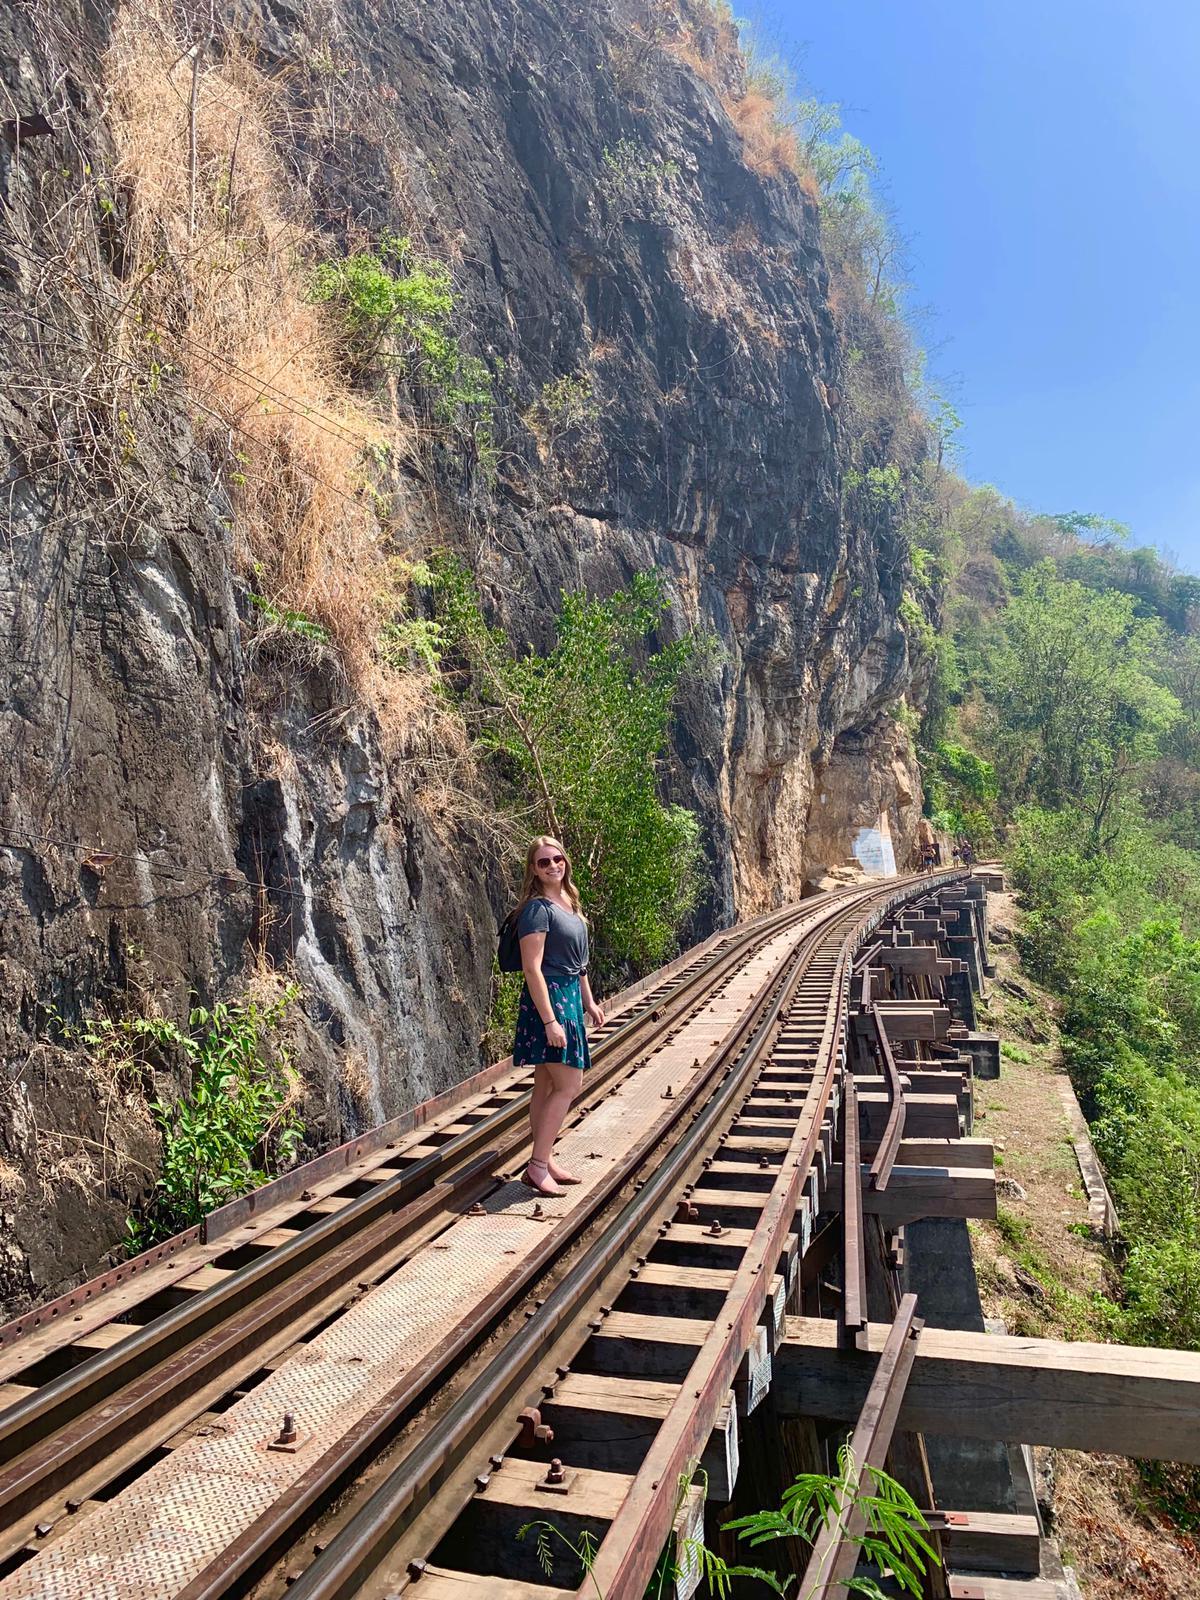 Tham Krasae Bridge, Kanchanaburi, Thailand